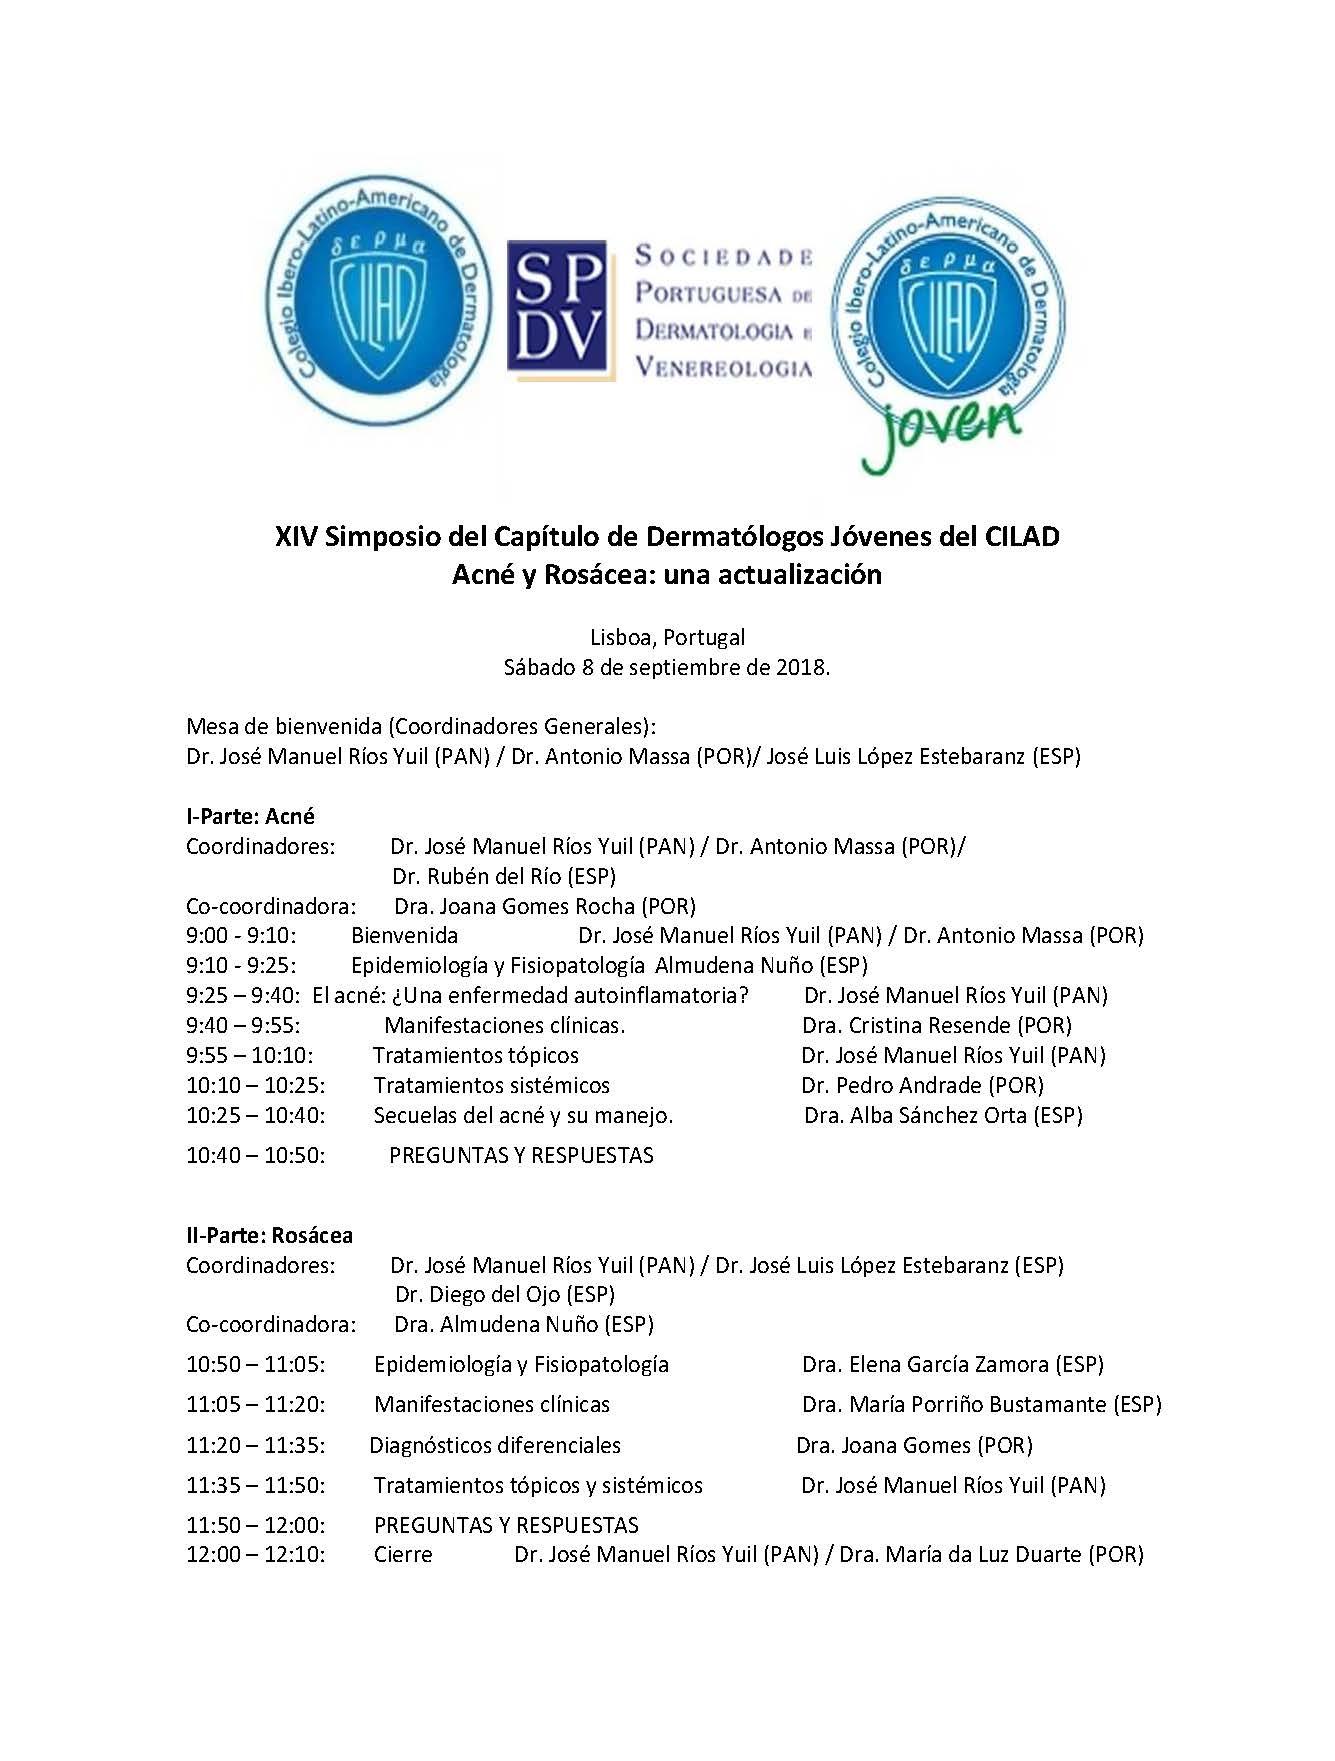 XIV Simposio del Capítulo de Dermatólogos Jóvenes del Colegio Ibero Latinoamericano de Dermatología (CILAD)